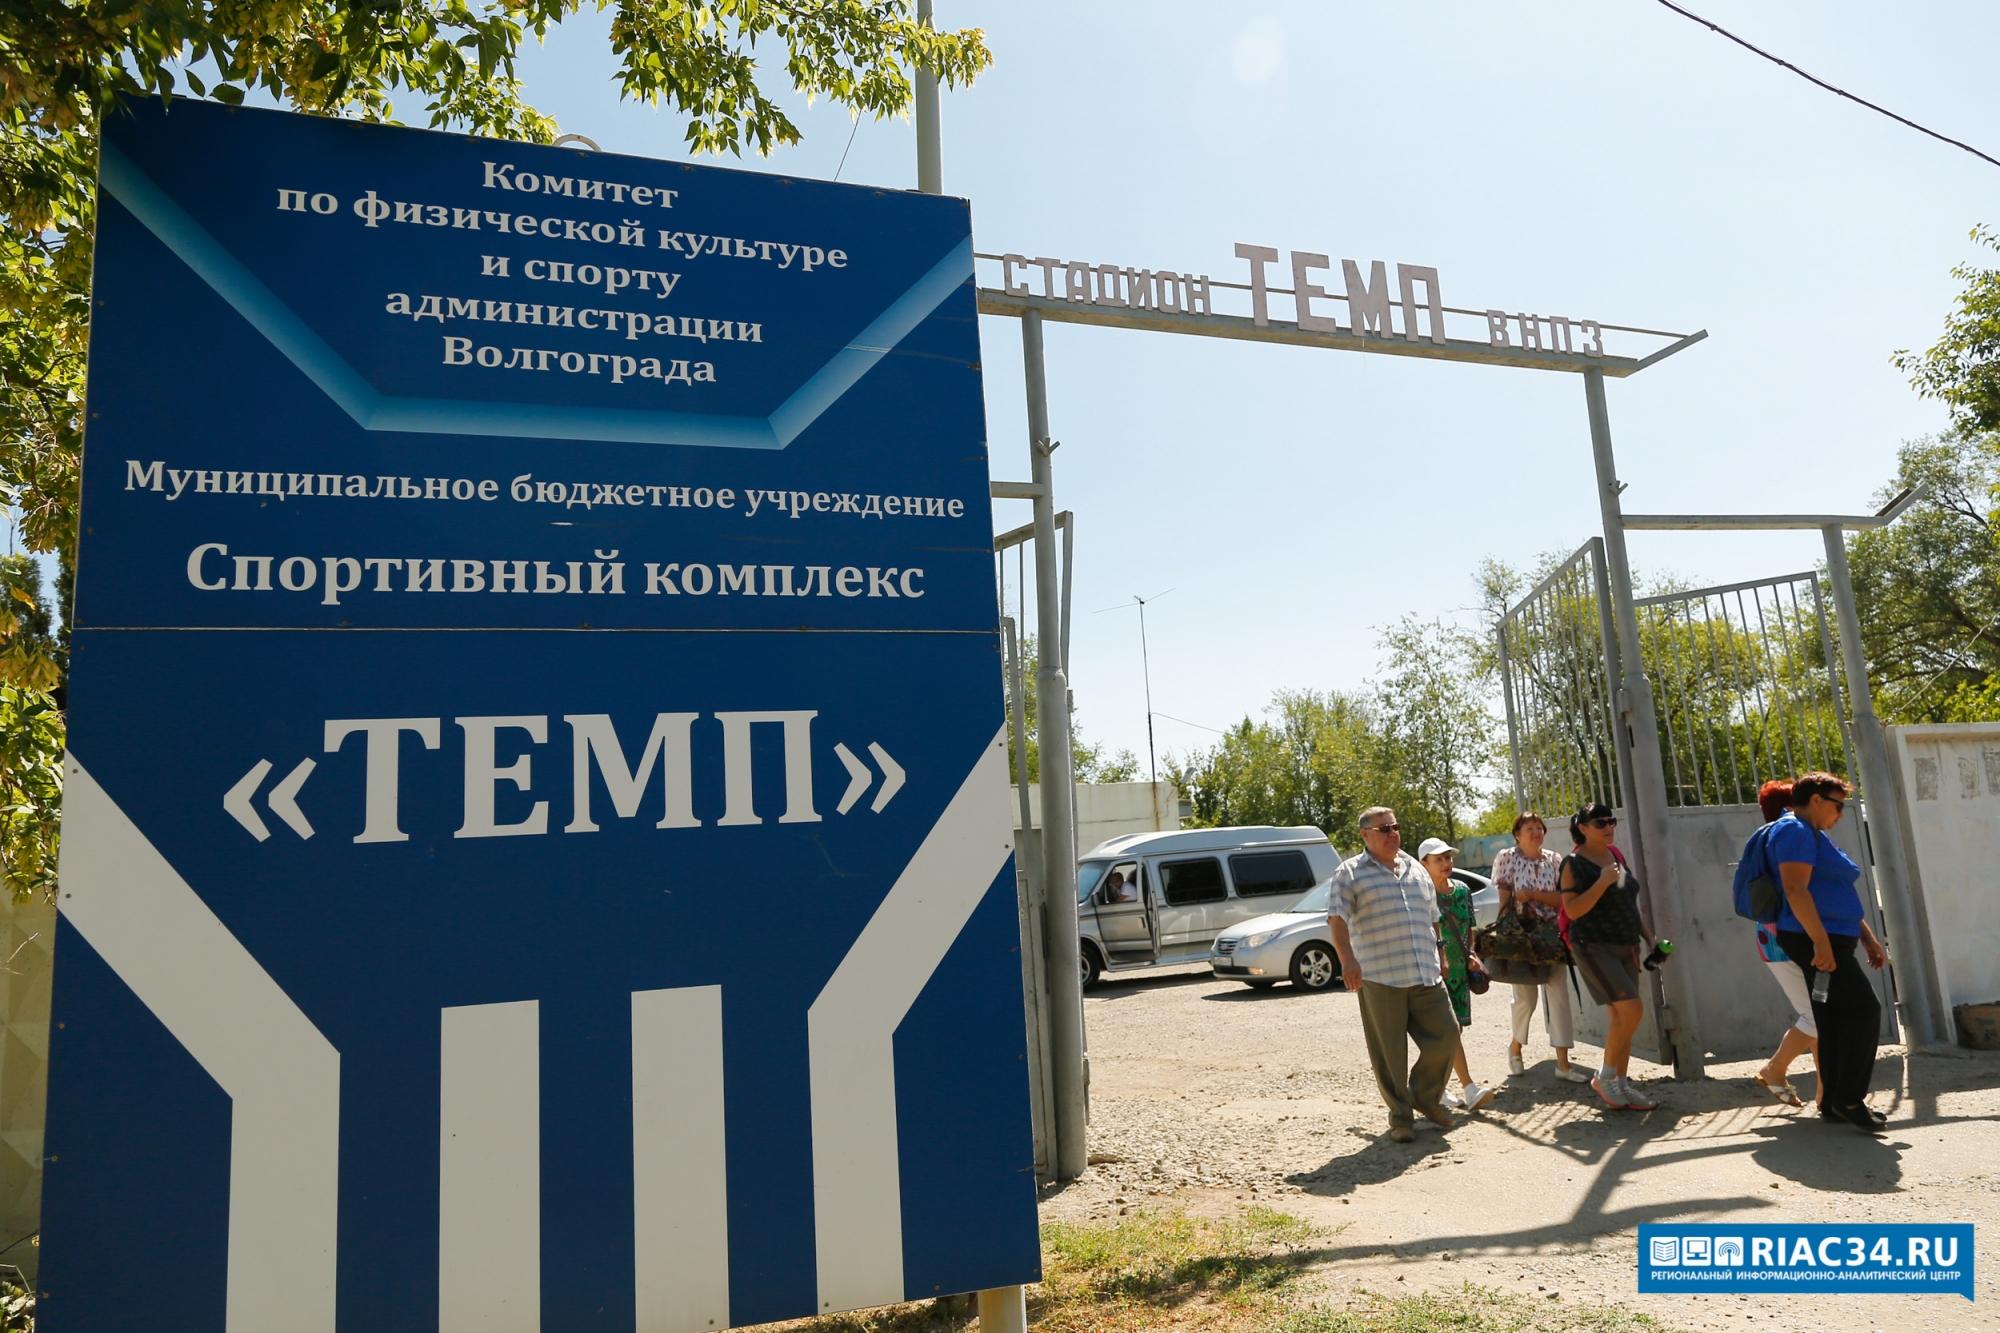 Стадион «Темп» отремонтирую кконцу 2019г. вВолгограде